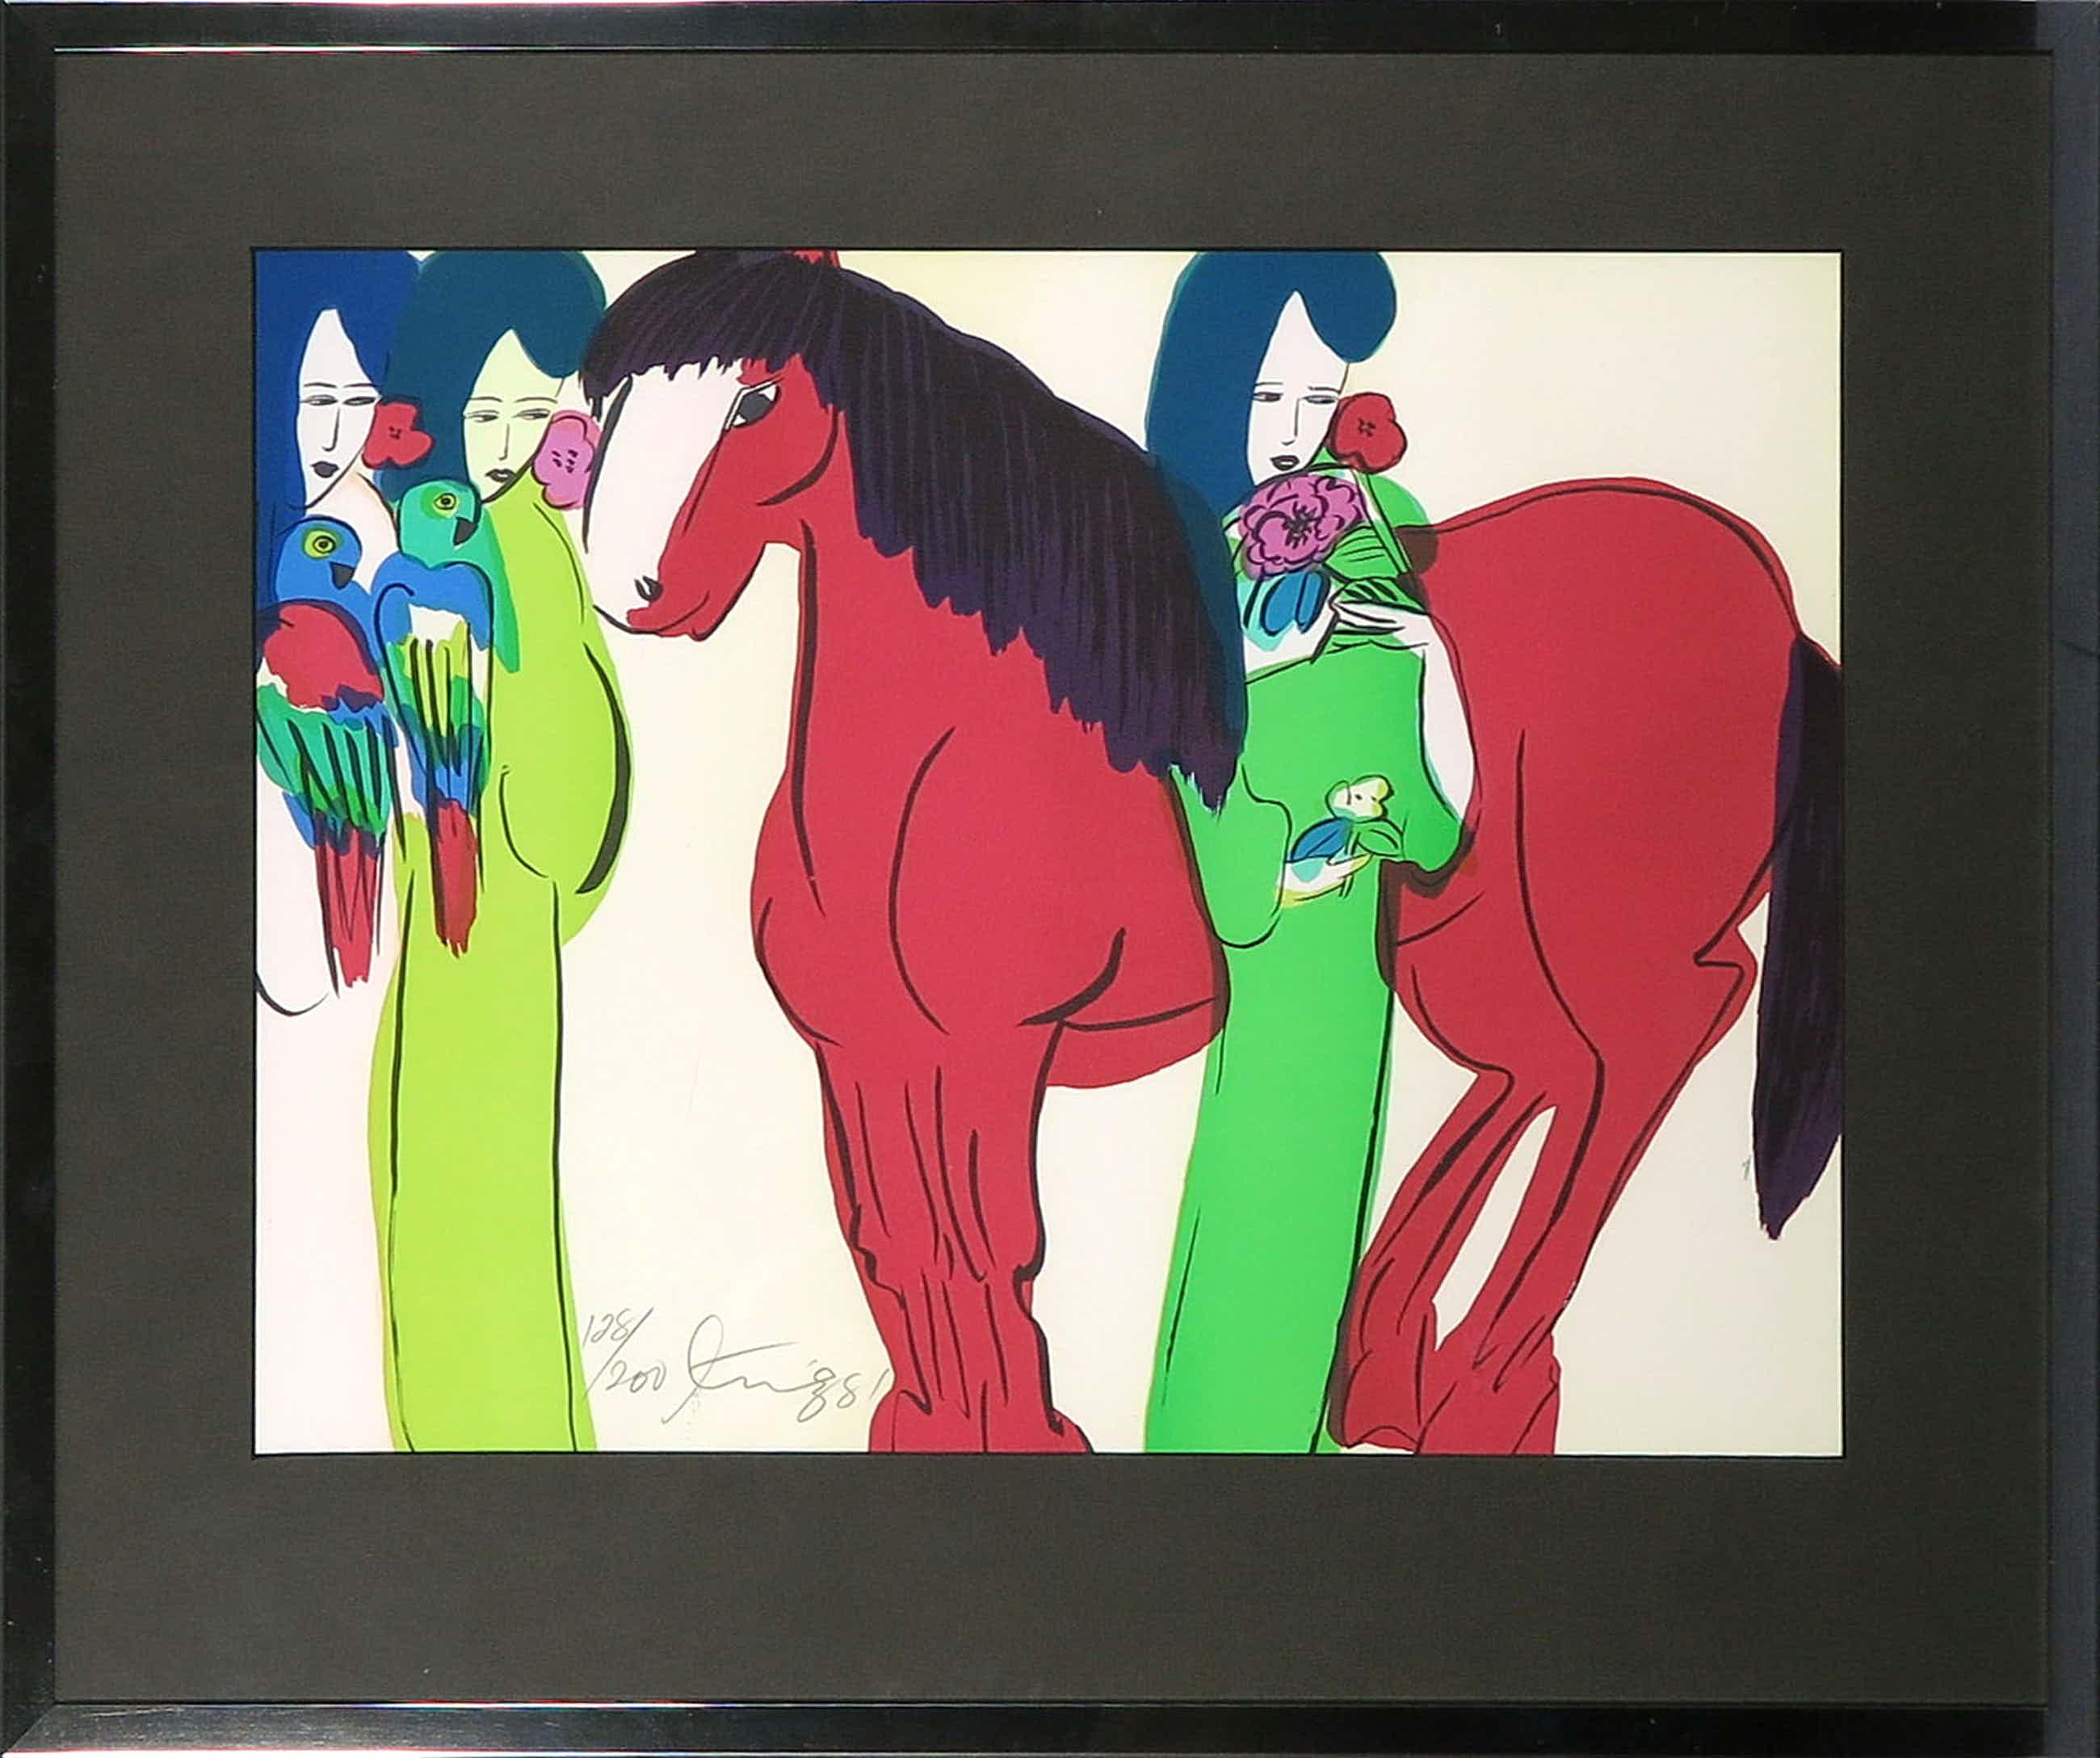 Walasse Ting - Zeefdruk, Geisha's met paard - Ingelijst kopen? Bied vanaf 310!